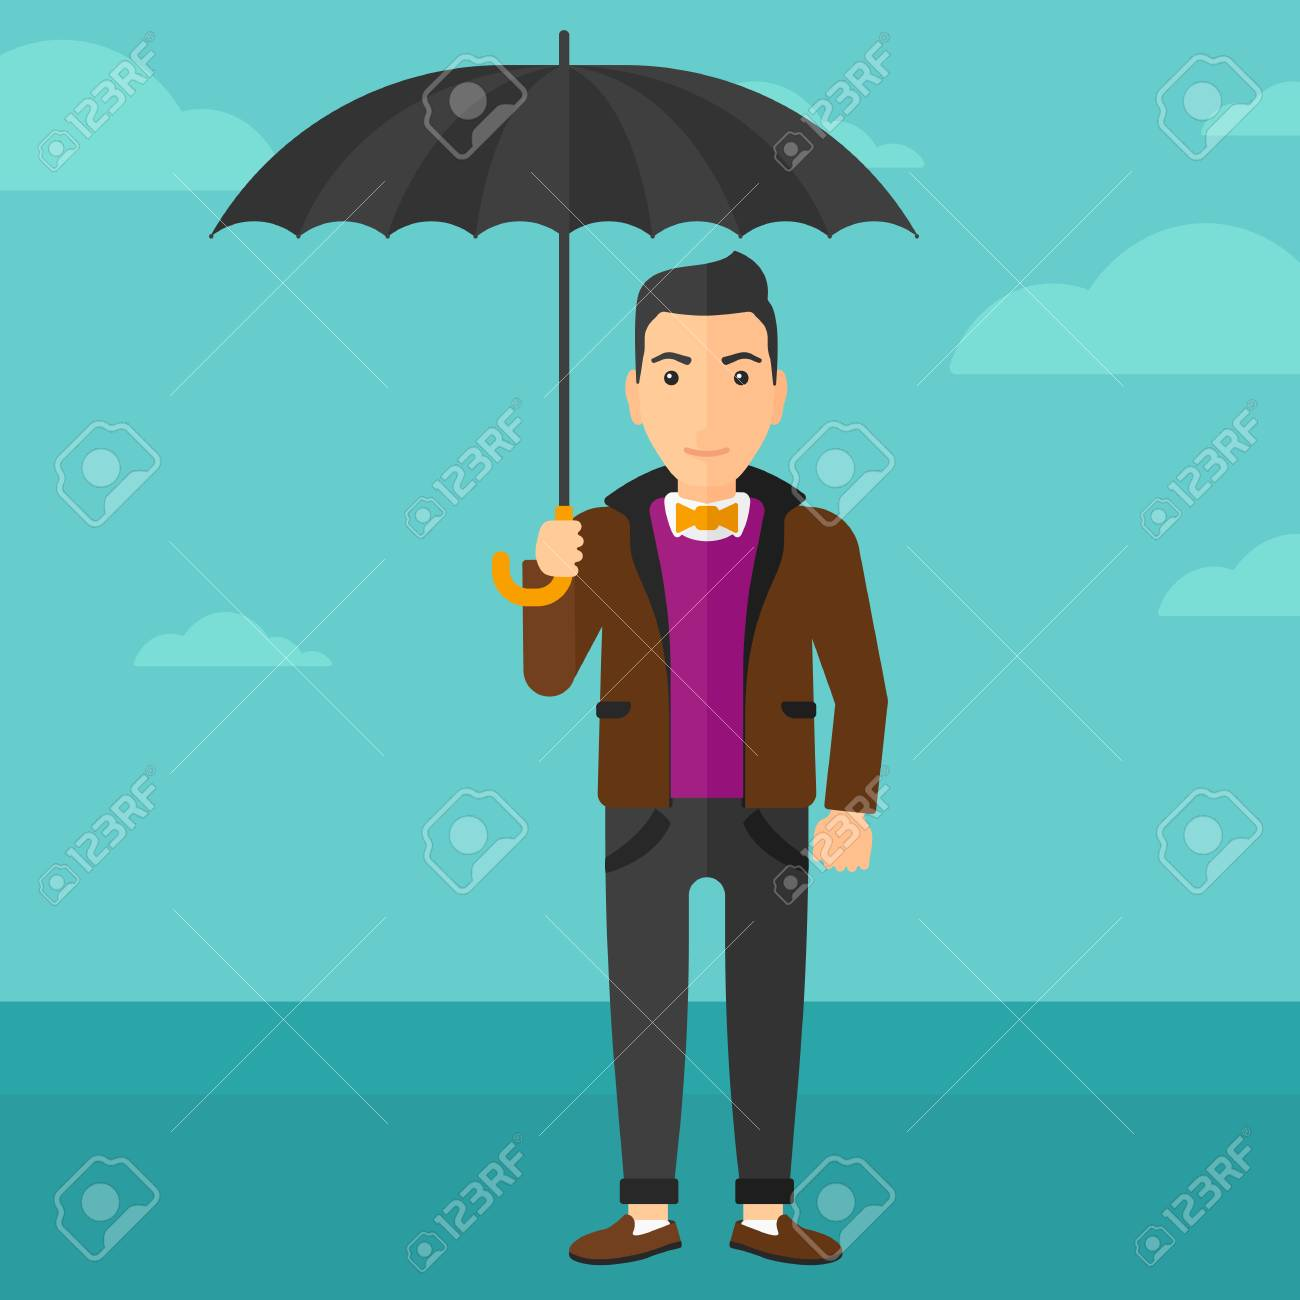 青空ベクトル フラットなデザインのイラストの背景に傘を持って立って